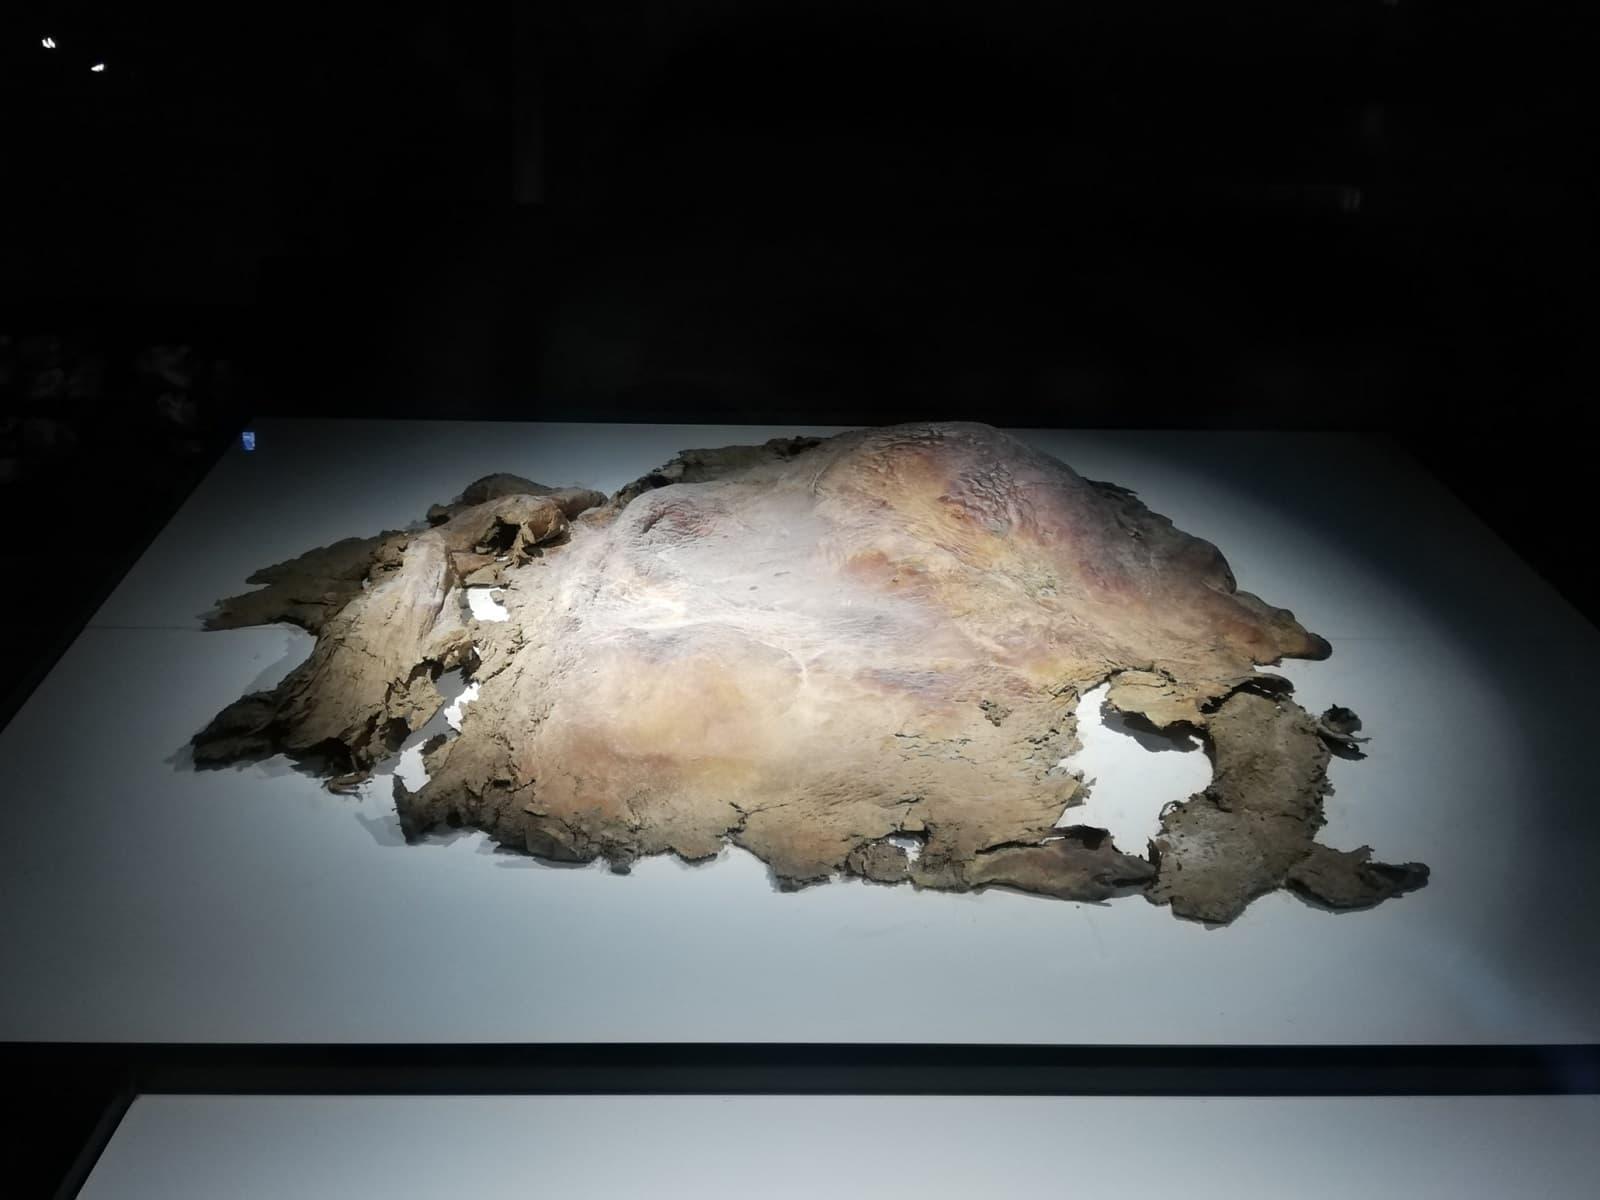 マンモスの皮膚の冷凍標本